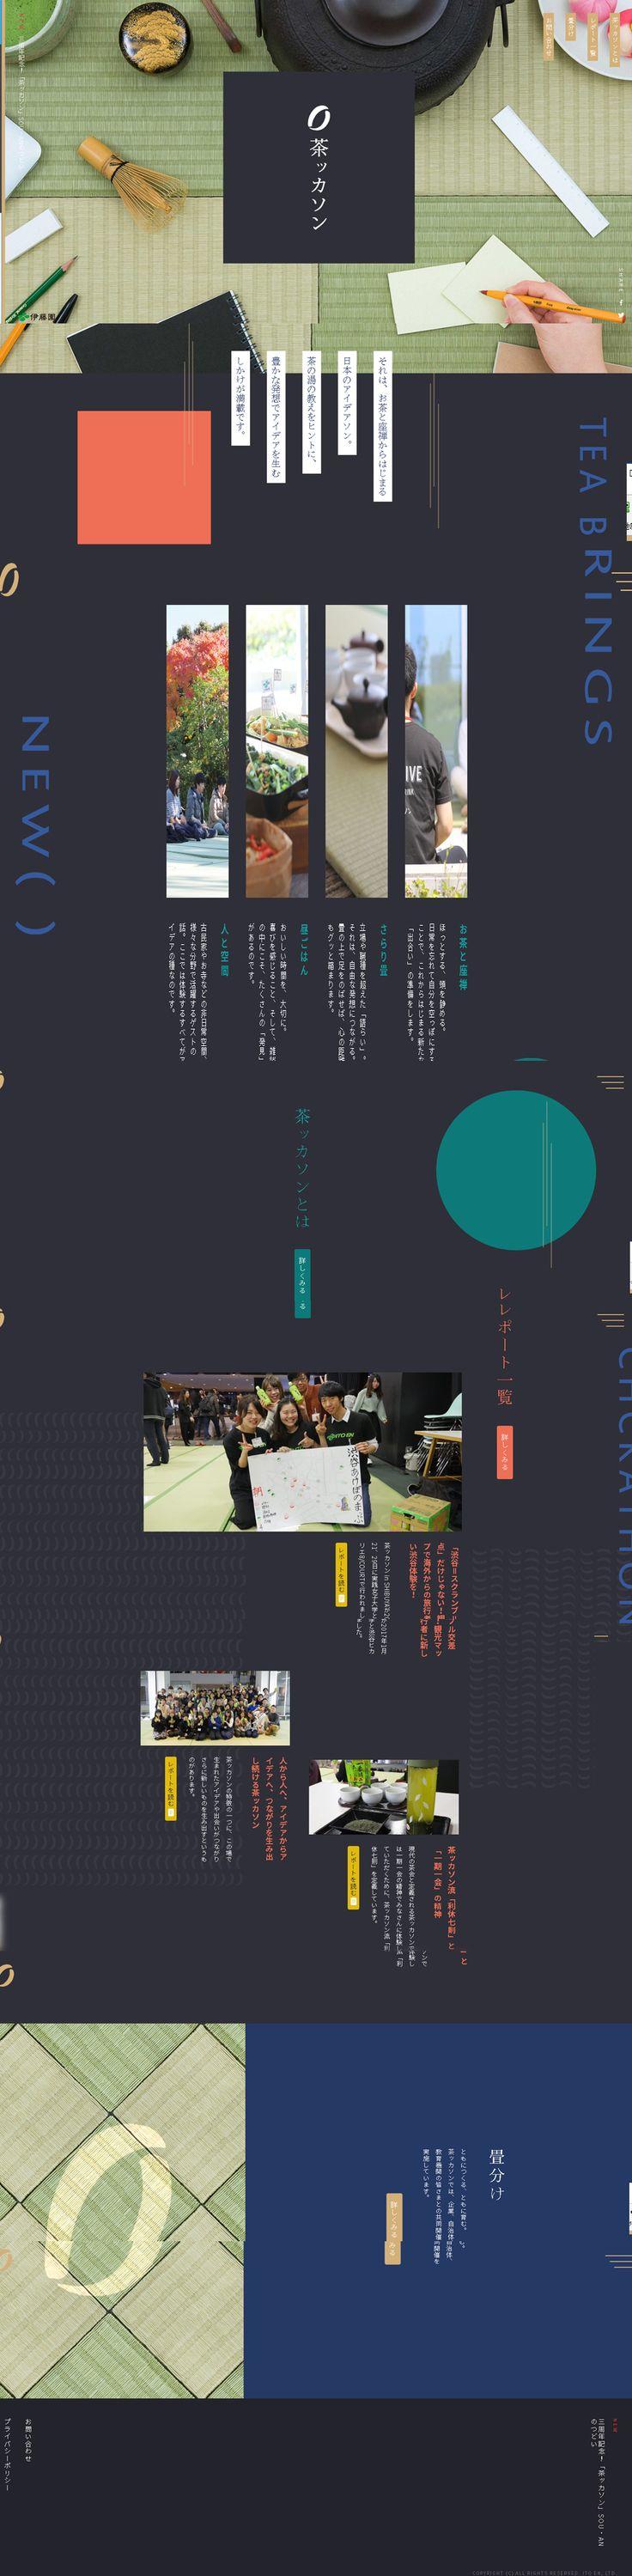 茶ッカソン|WEBデザイナーさん必見!ランディングページのデザイン参考に(アート・芸術系)